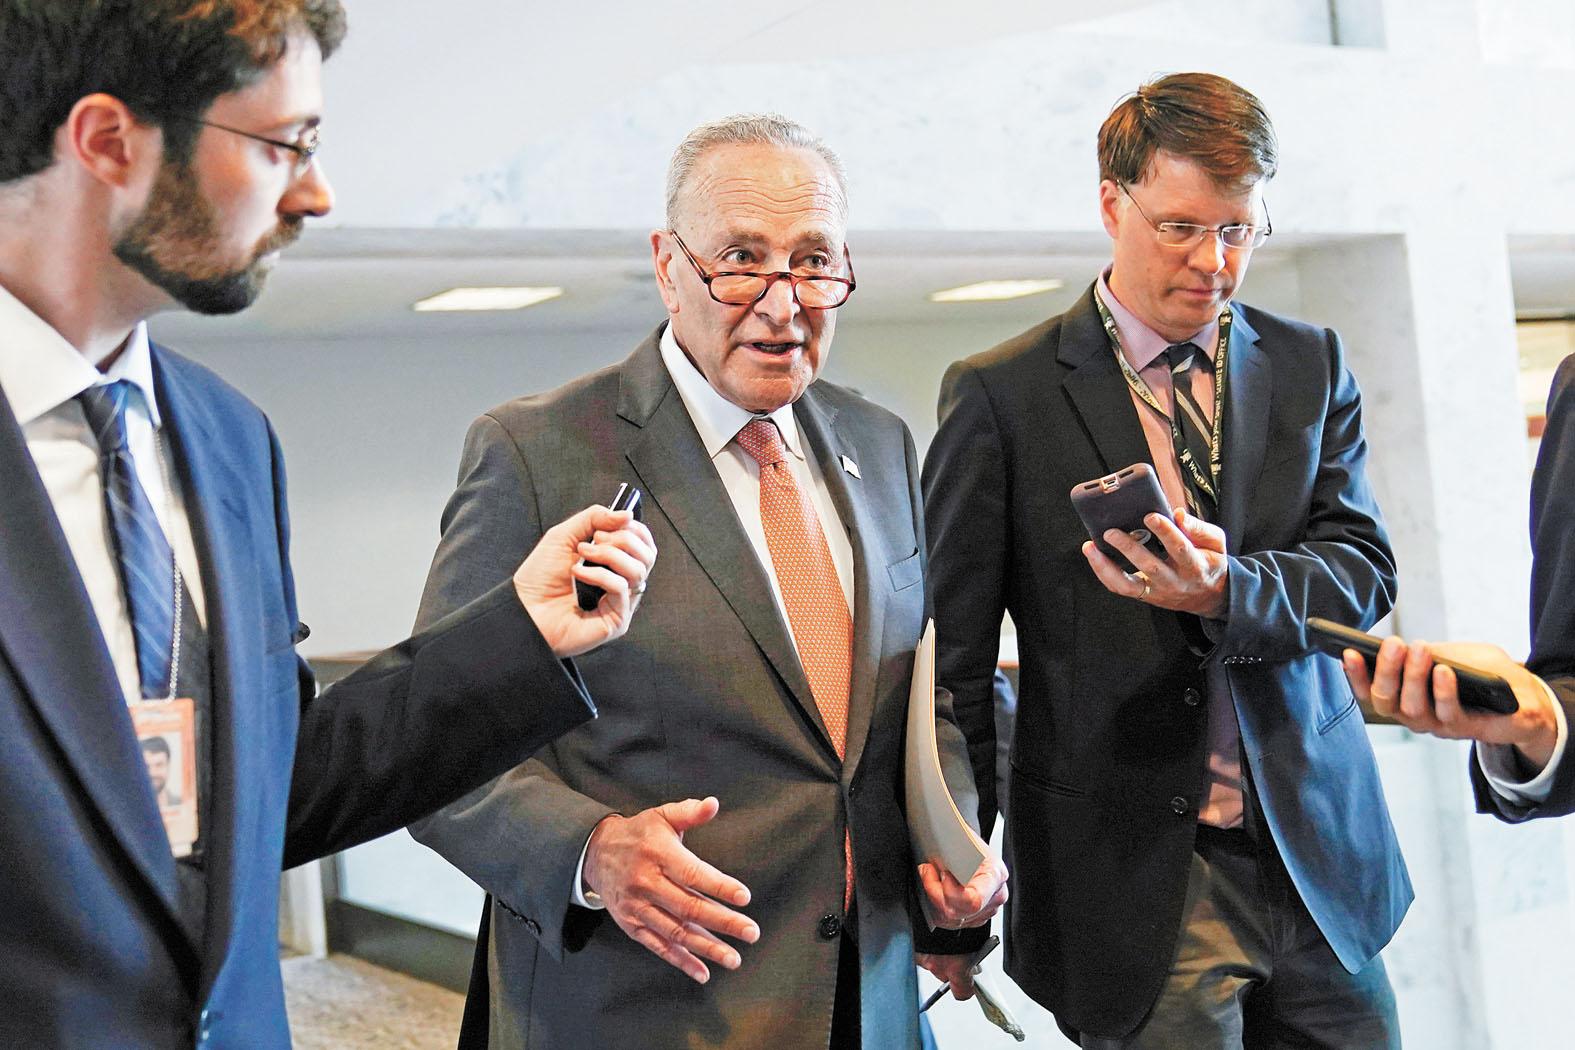 ■美國參議院8日通過《美國創新及競爭法》,舒默(中)形容法案對外交及國家安全都影響深遠。美聯社